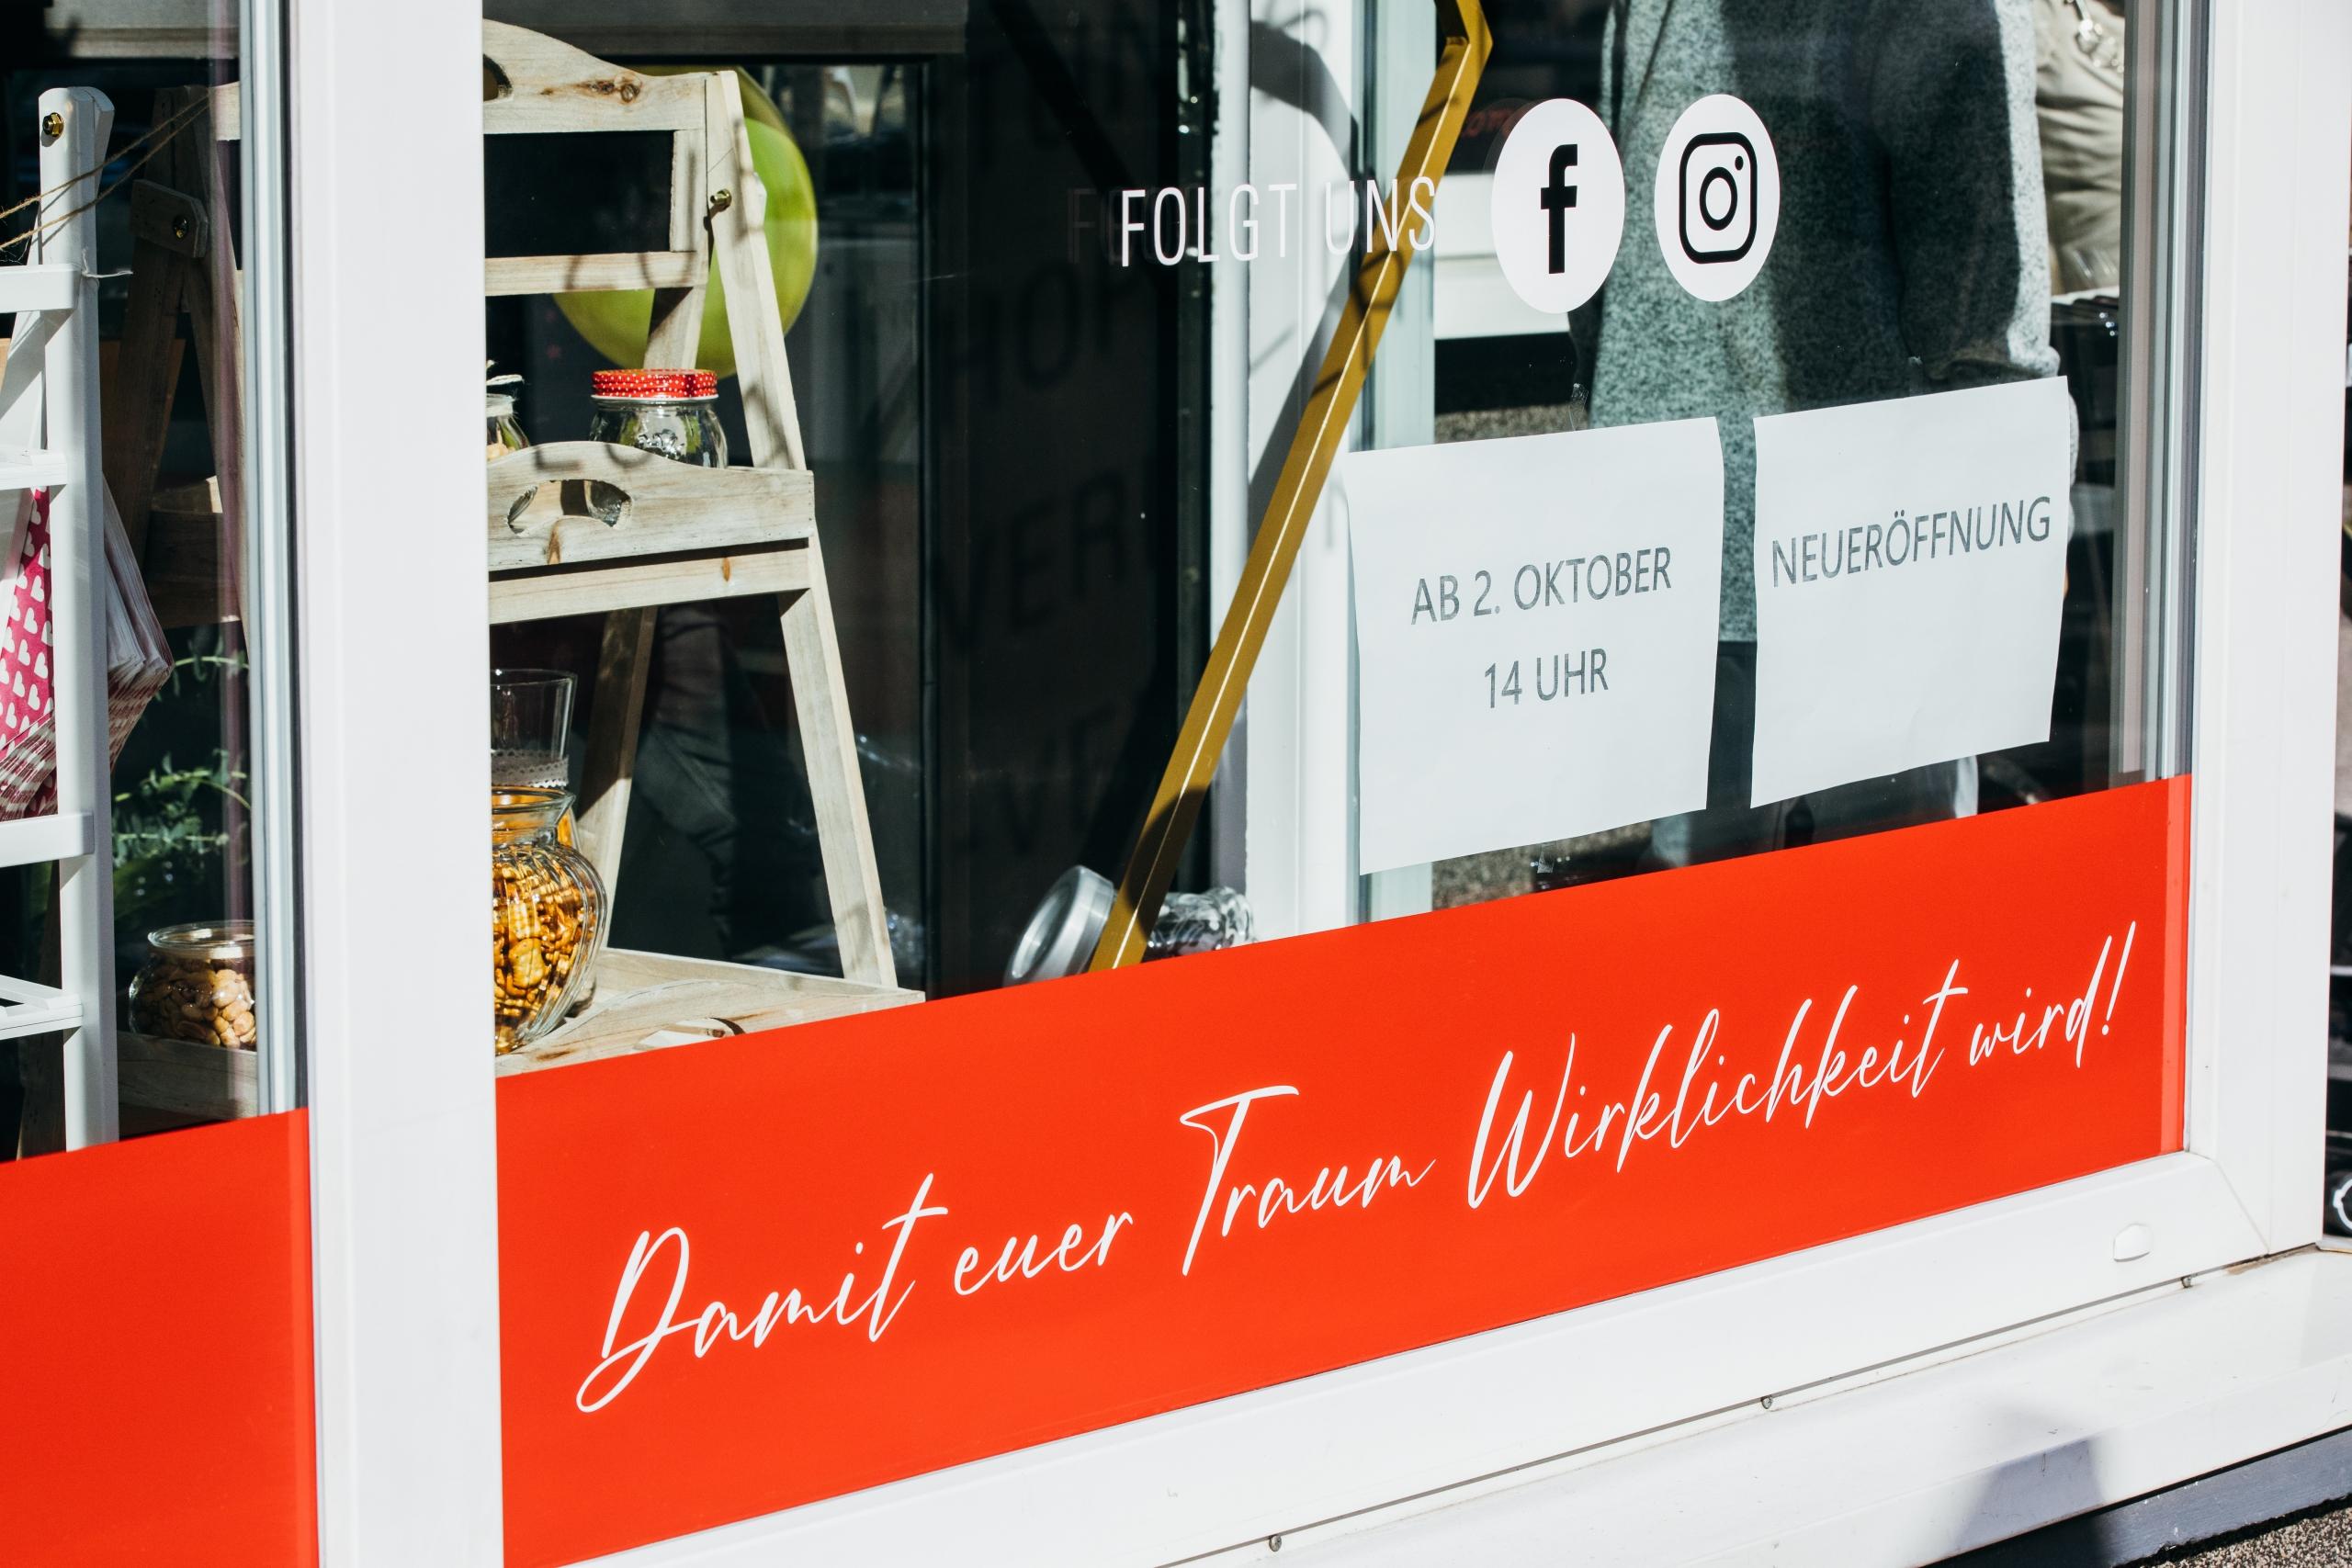 Schaufenster-Beschriftung für die freie Rednerin Michaela Seidel. Foto von https://www.asa400.de/blog/